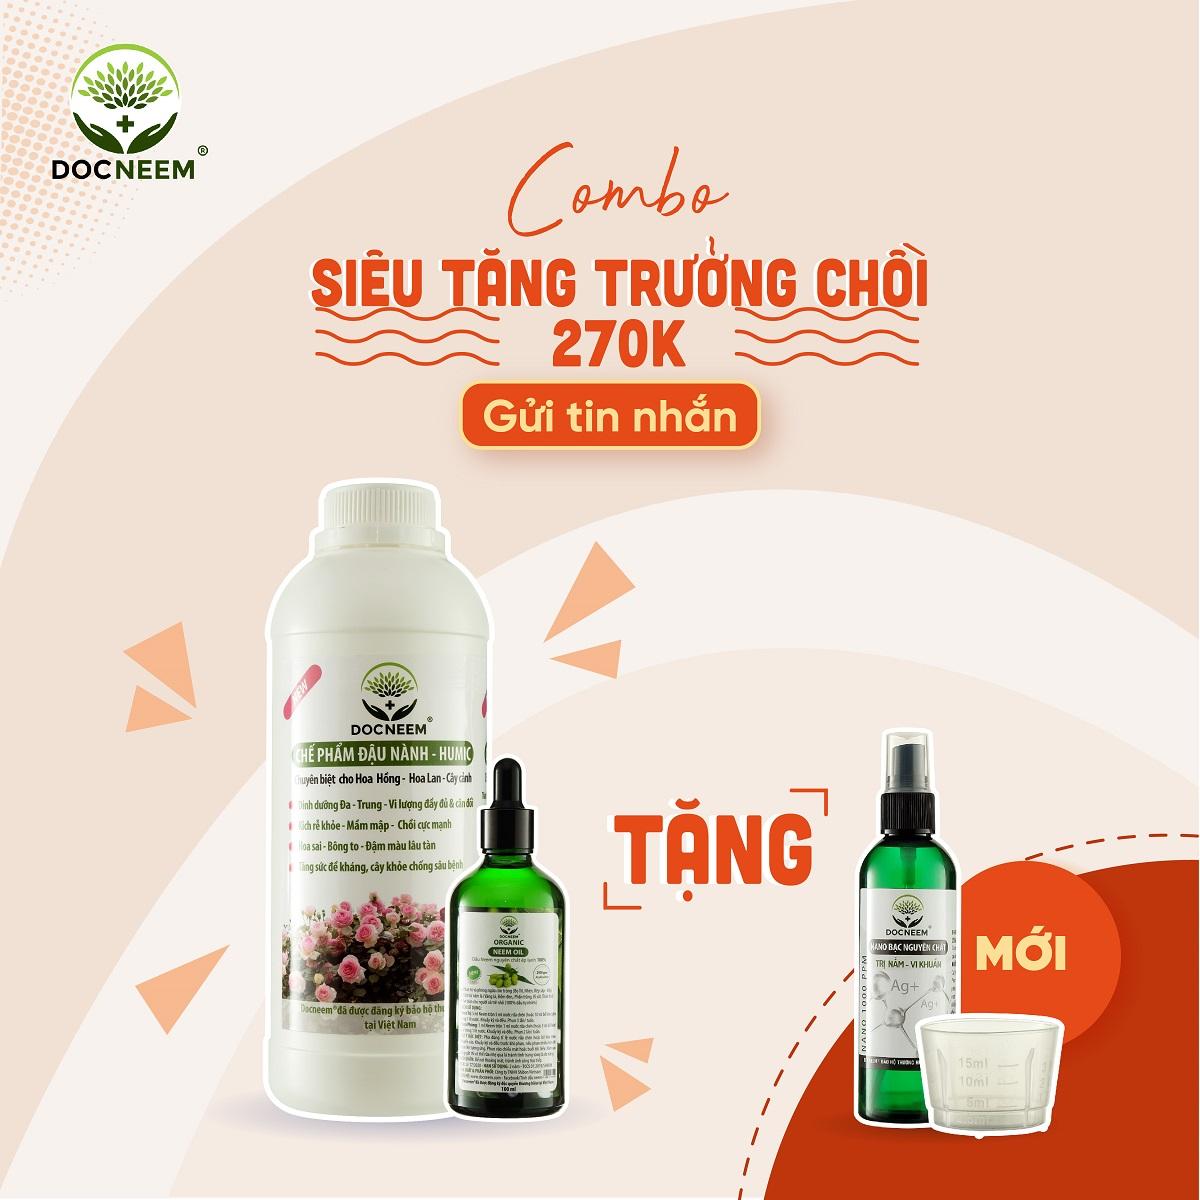 2-combo-sieu-tang-truong-choi-dau-nanh-neem-oil